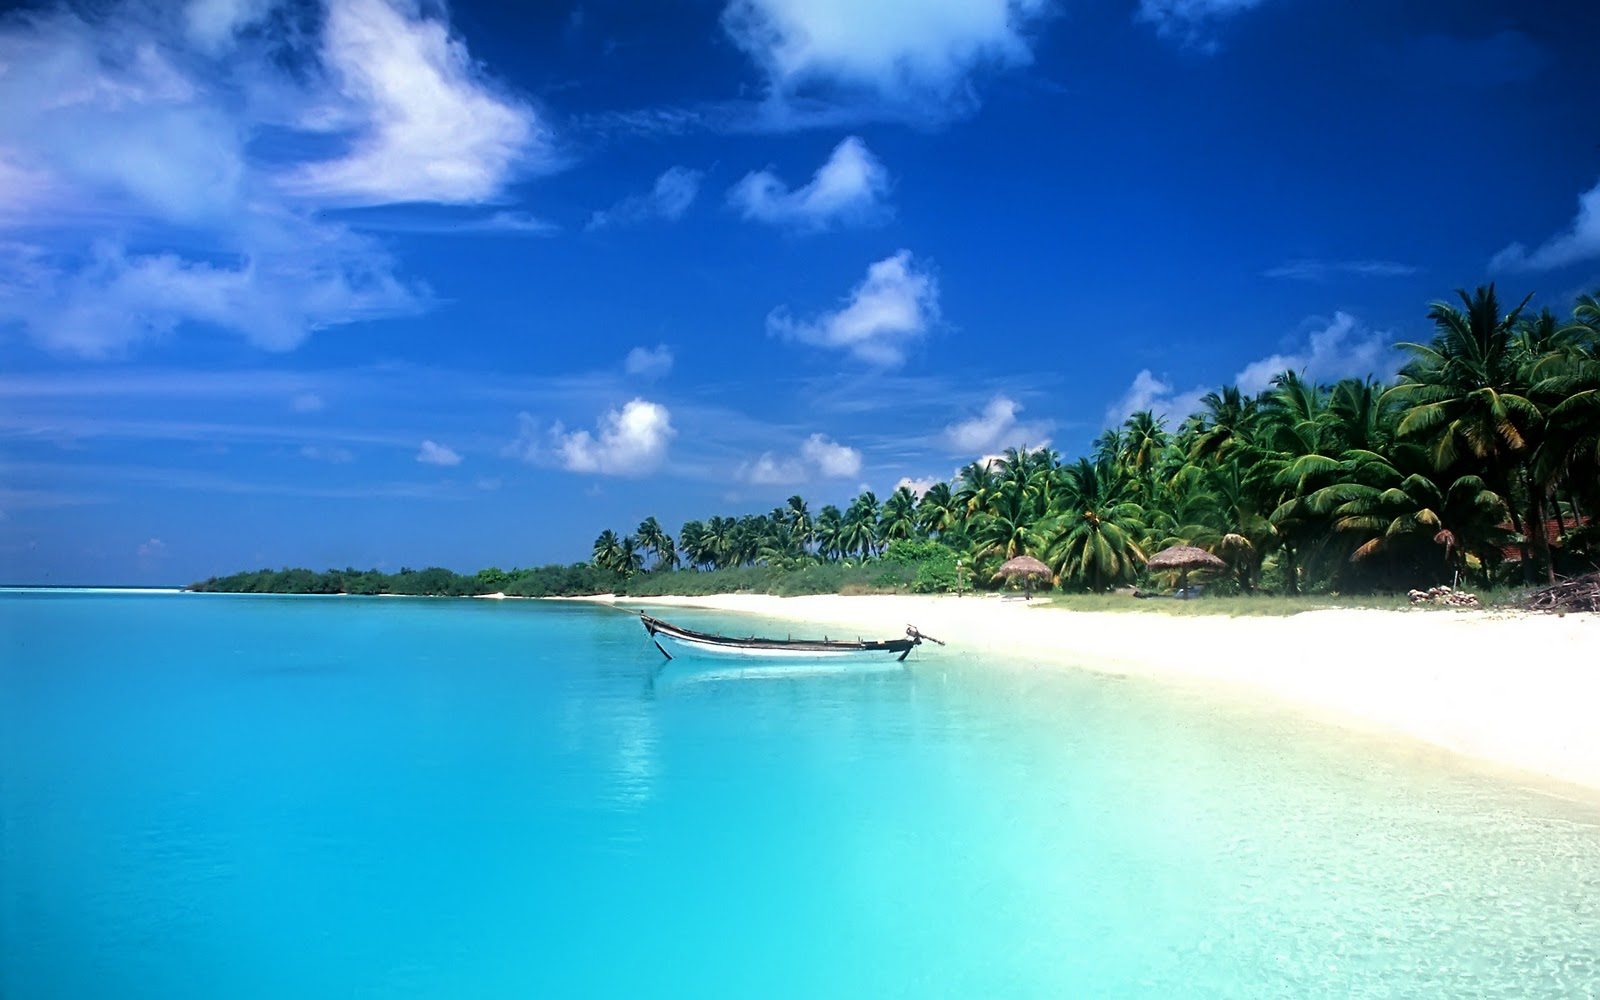 http://1.bp.blogspot.com/-kKQ5sbCSdK8/T8X1fOSd1sI/AAAAAAAAAco/V3WtznCuBz8/s1600/Beach+Wallpaper+Hd+Image.jpg